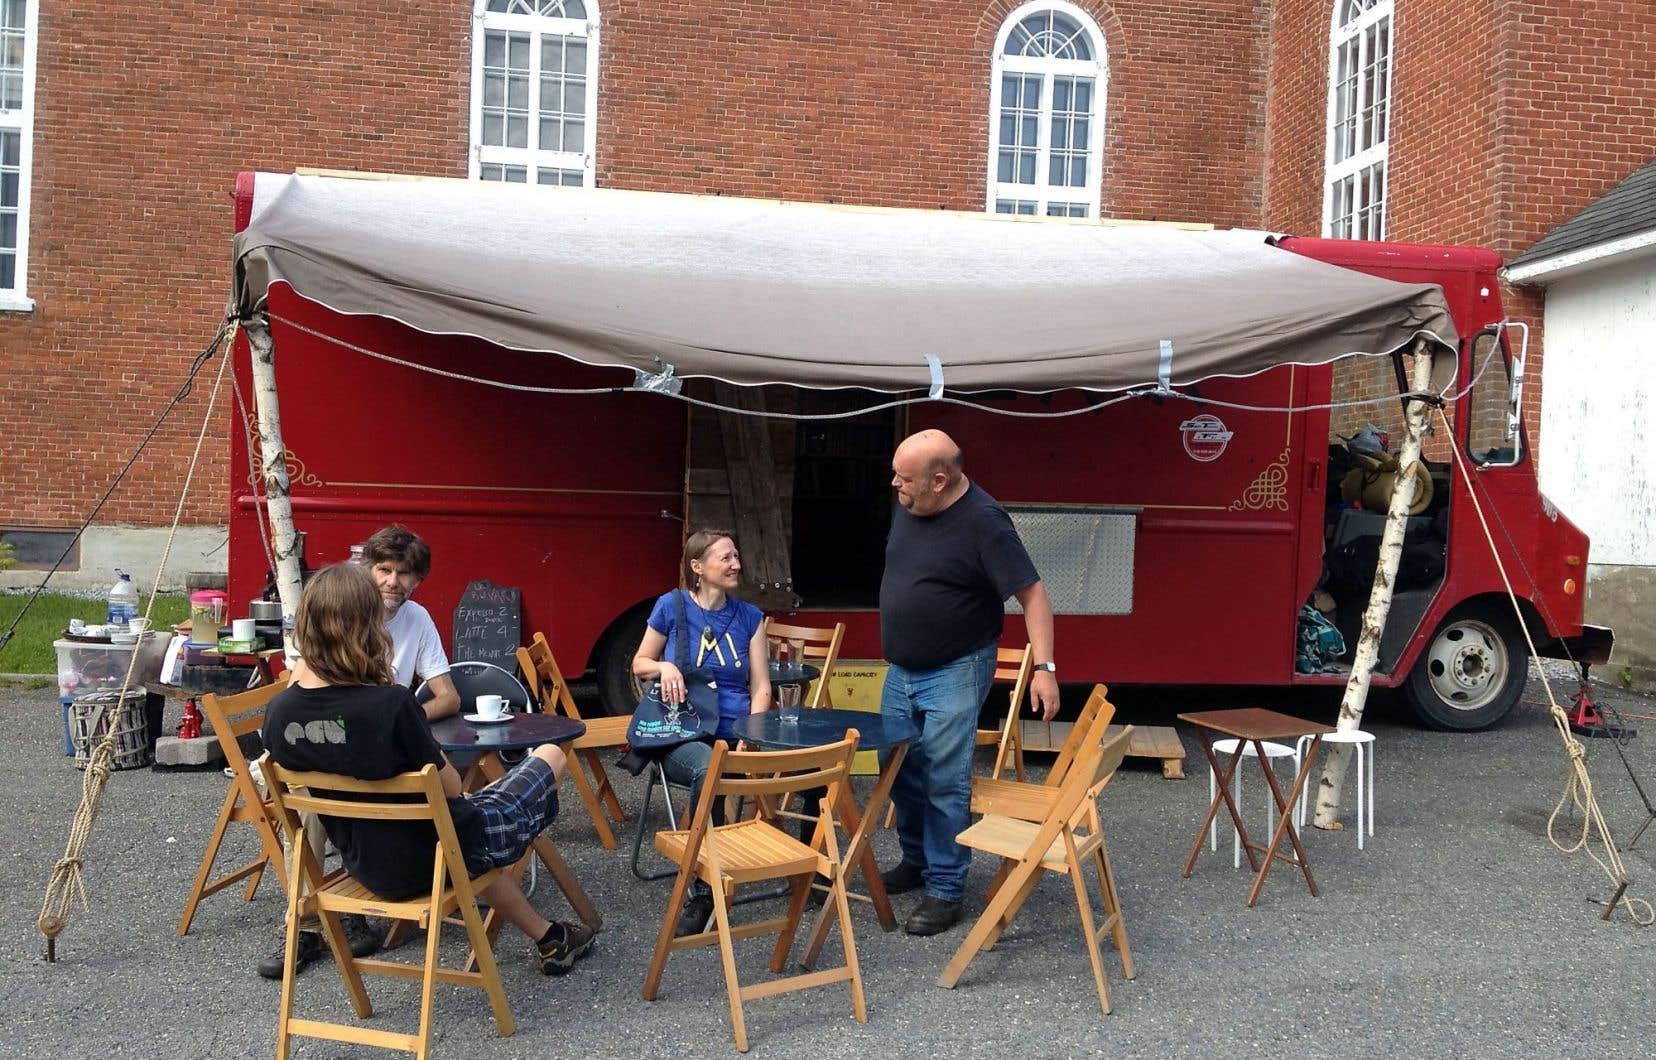 Le libraire Michel Vézina (debout) tient salon littéraire cet été sur les places publiques des villes et villages québécois. Devant son camion-librairie d'allure trash, on prend un café, on cause littérature et on fournit les indications routières aux passants.